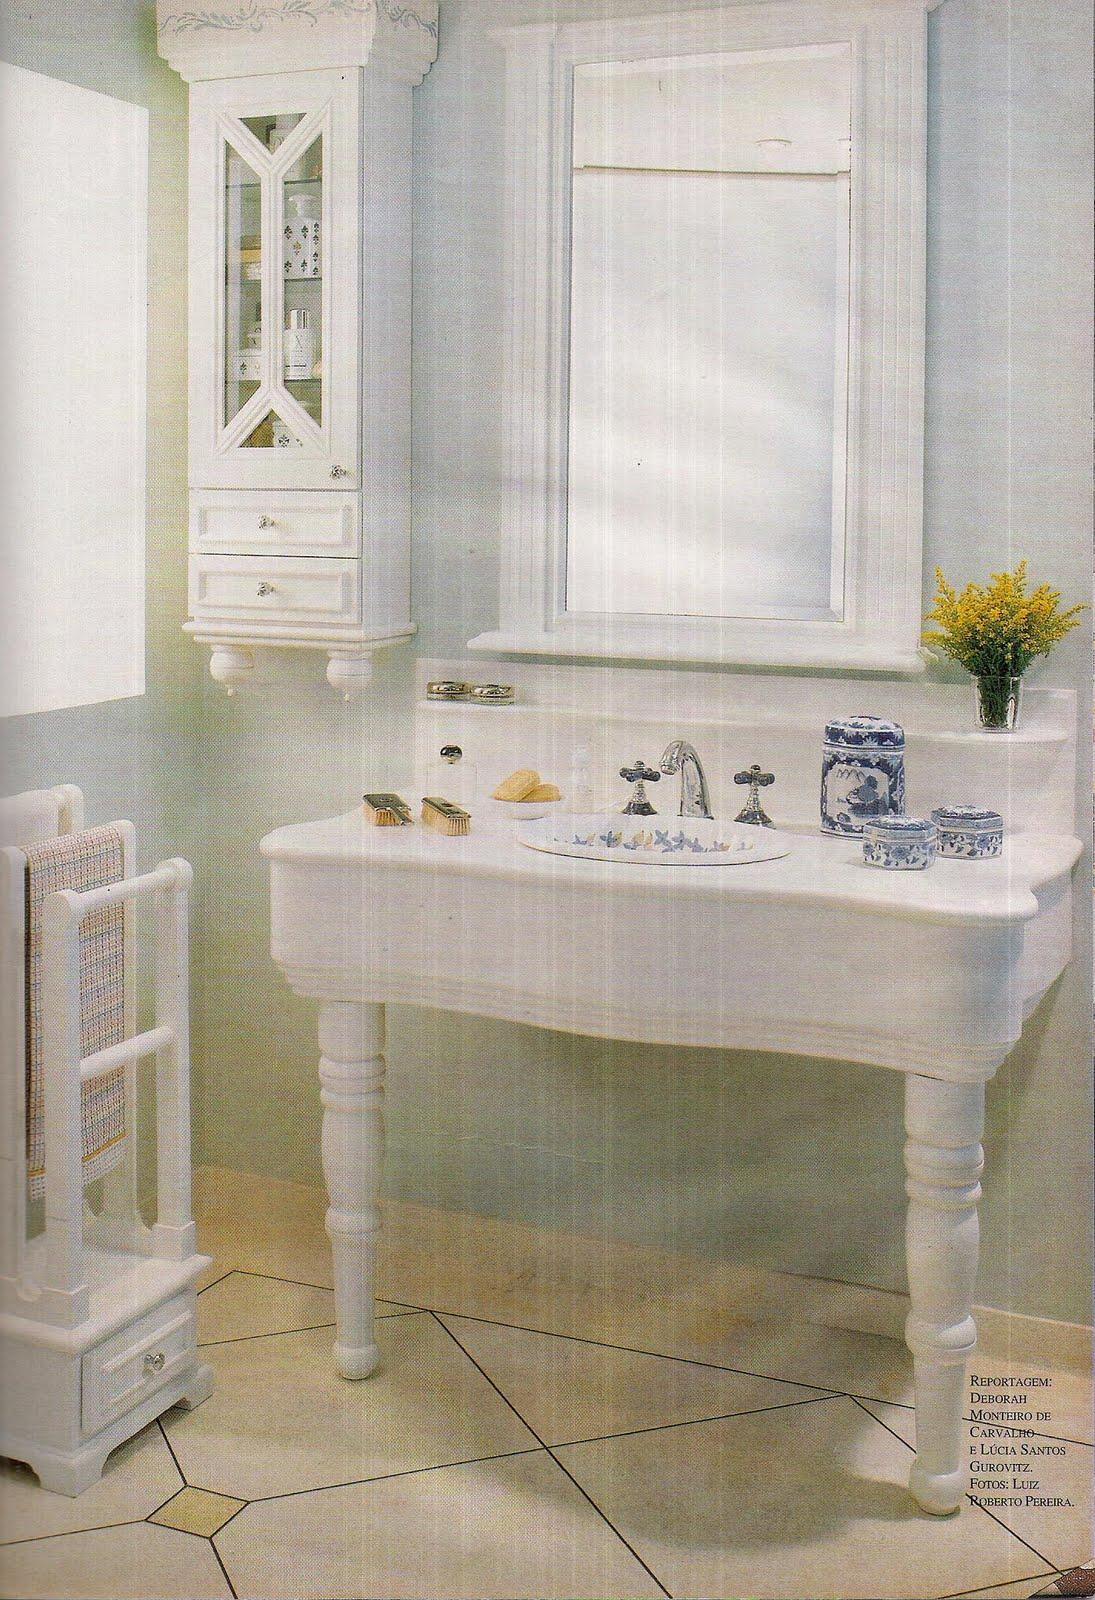 Construindo Meus Sonhos: Bancada de Banheiro Idéias com mesas! #9F832C 1095x1600 Bancada Banheiro Laca